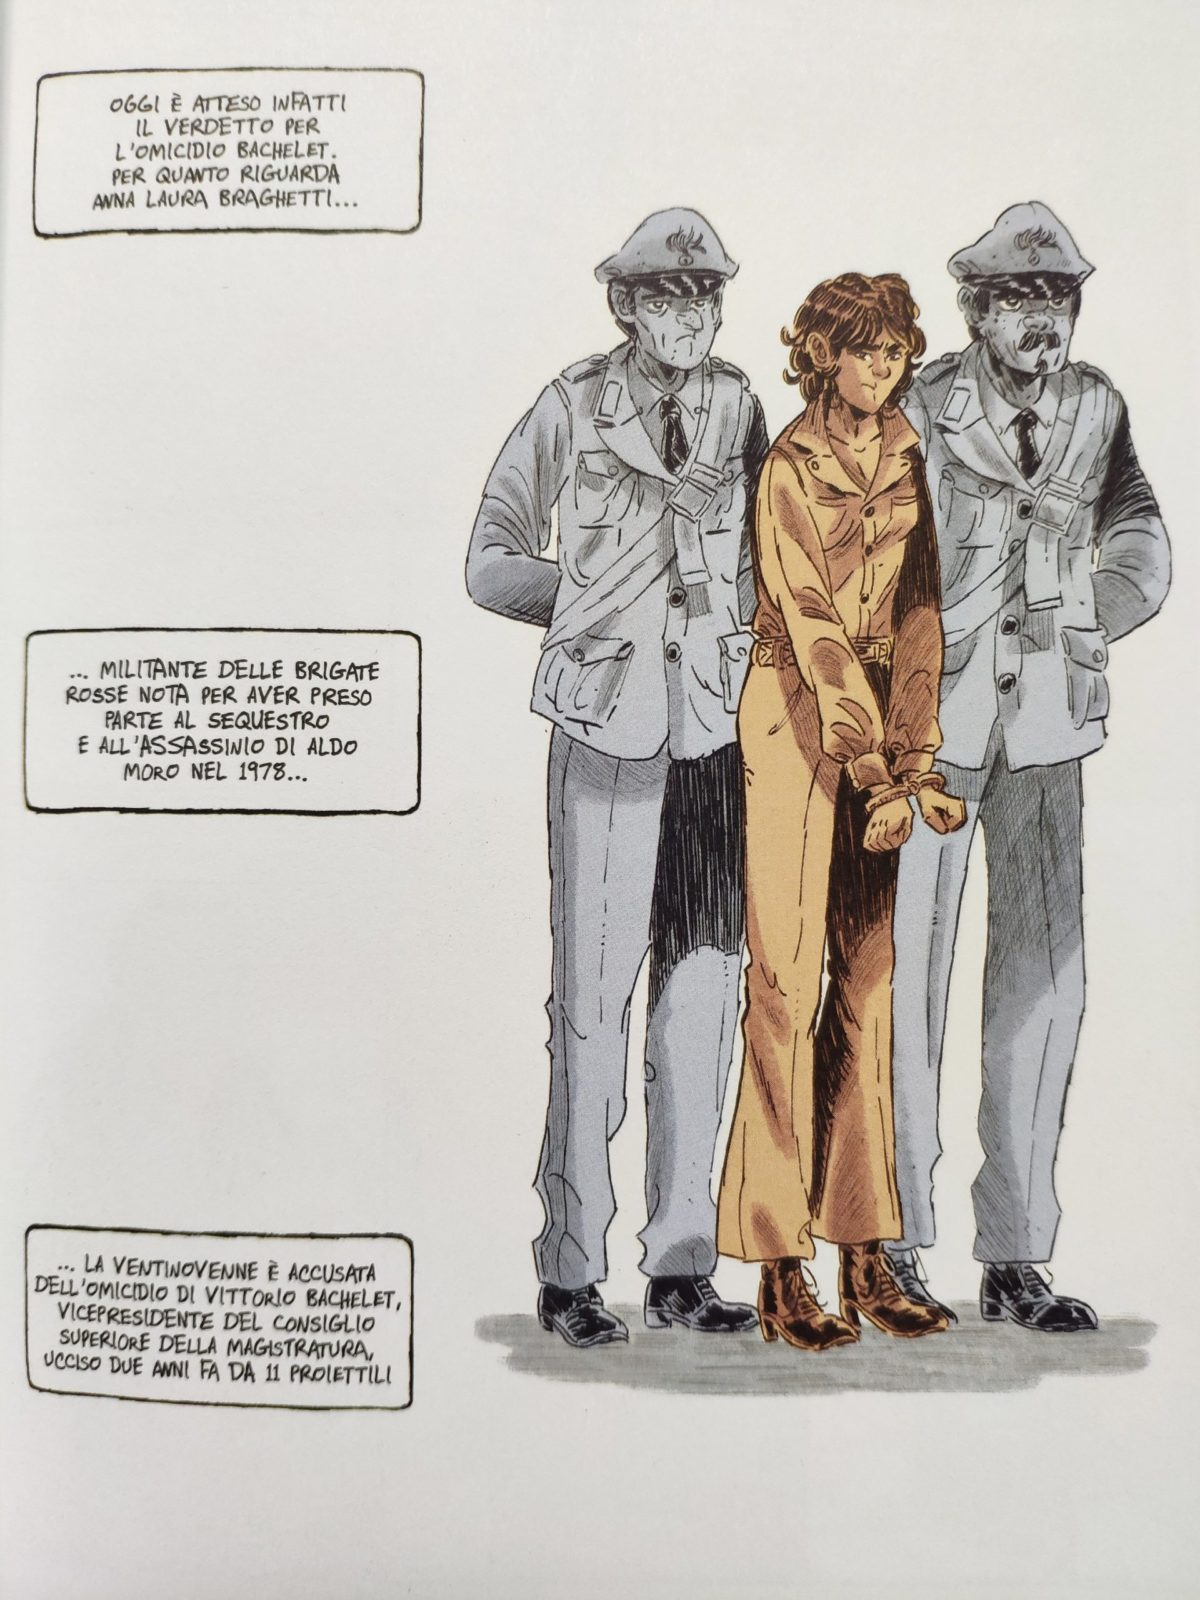 Mio caro fumetto... - Il giorno del verdetto del Moro-uno e Moro-bis